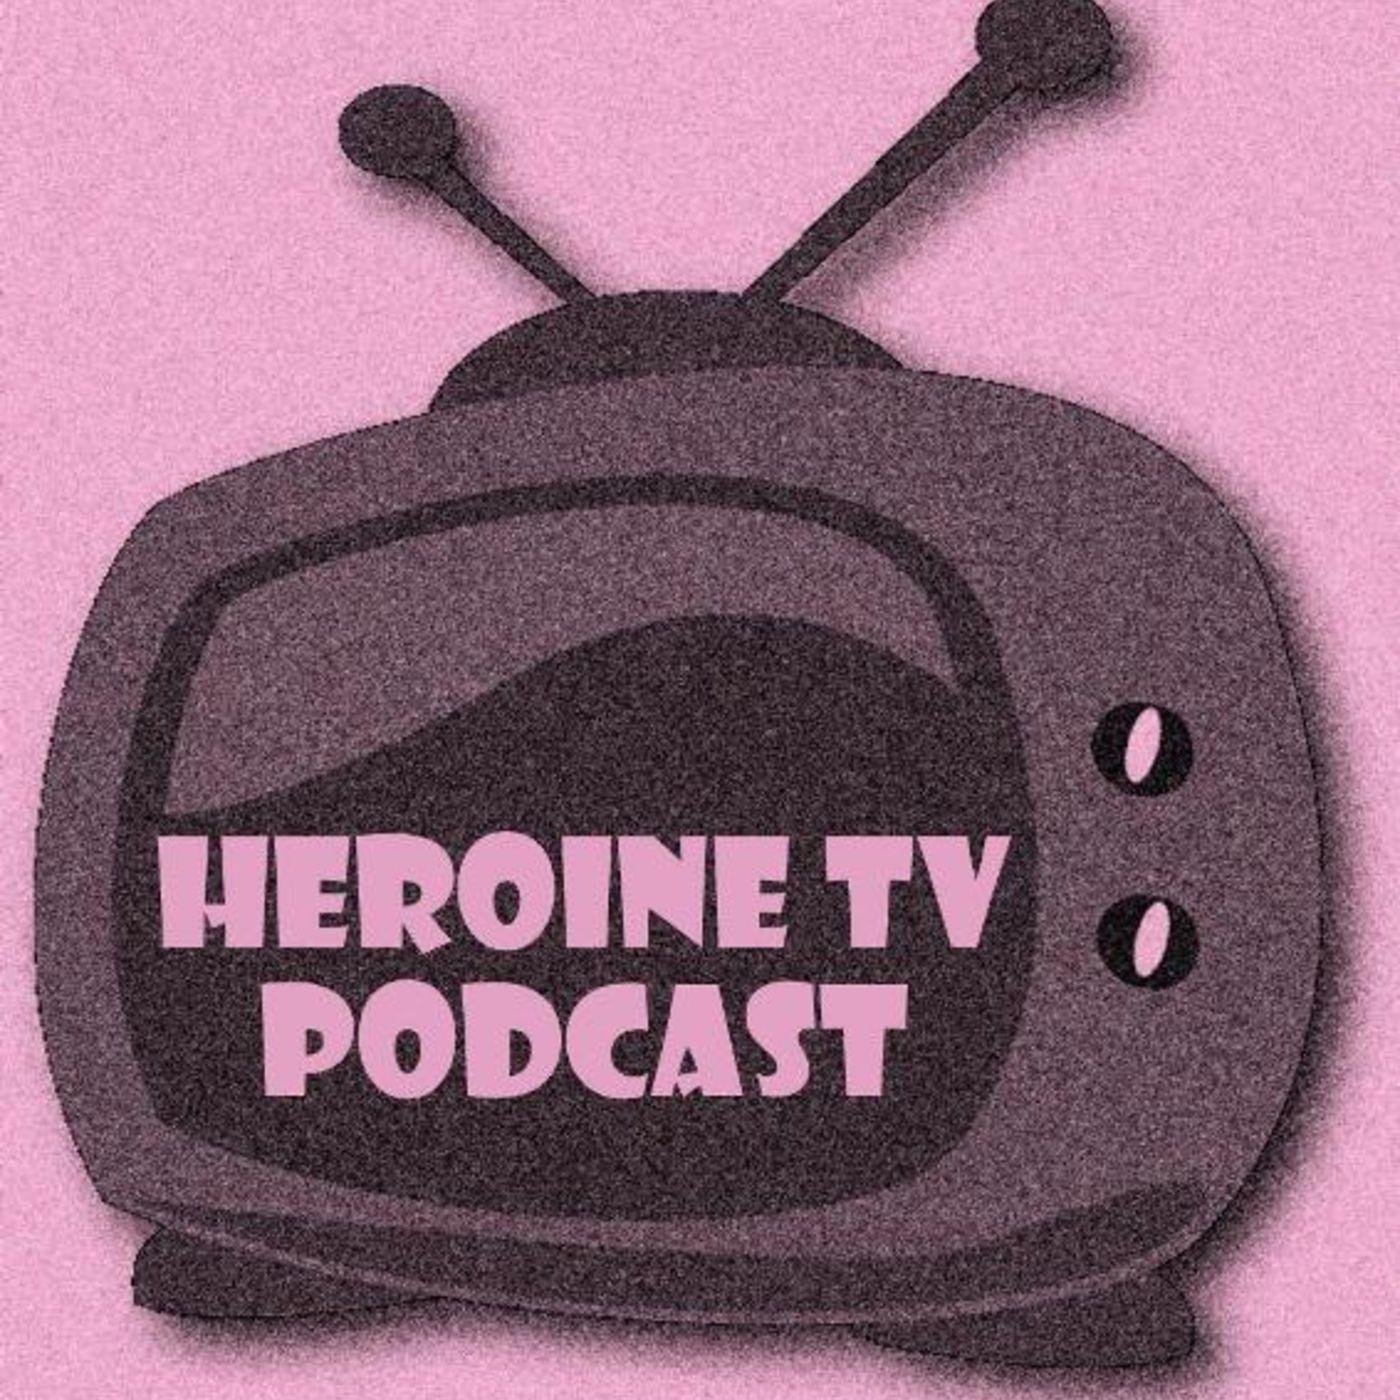 Heroine TV Podcast